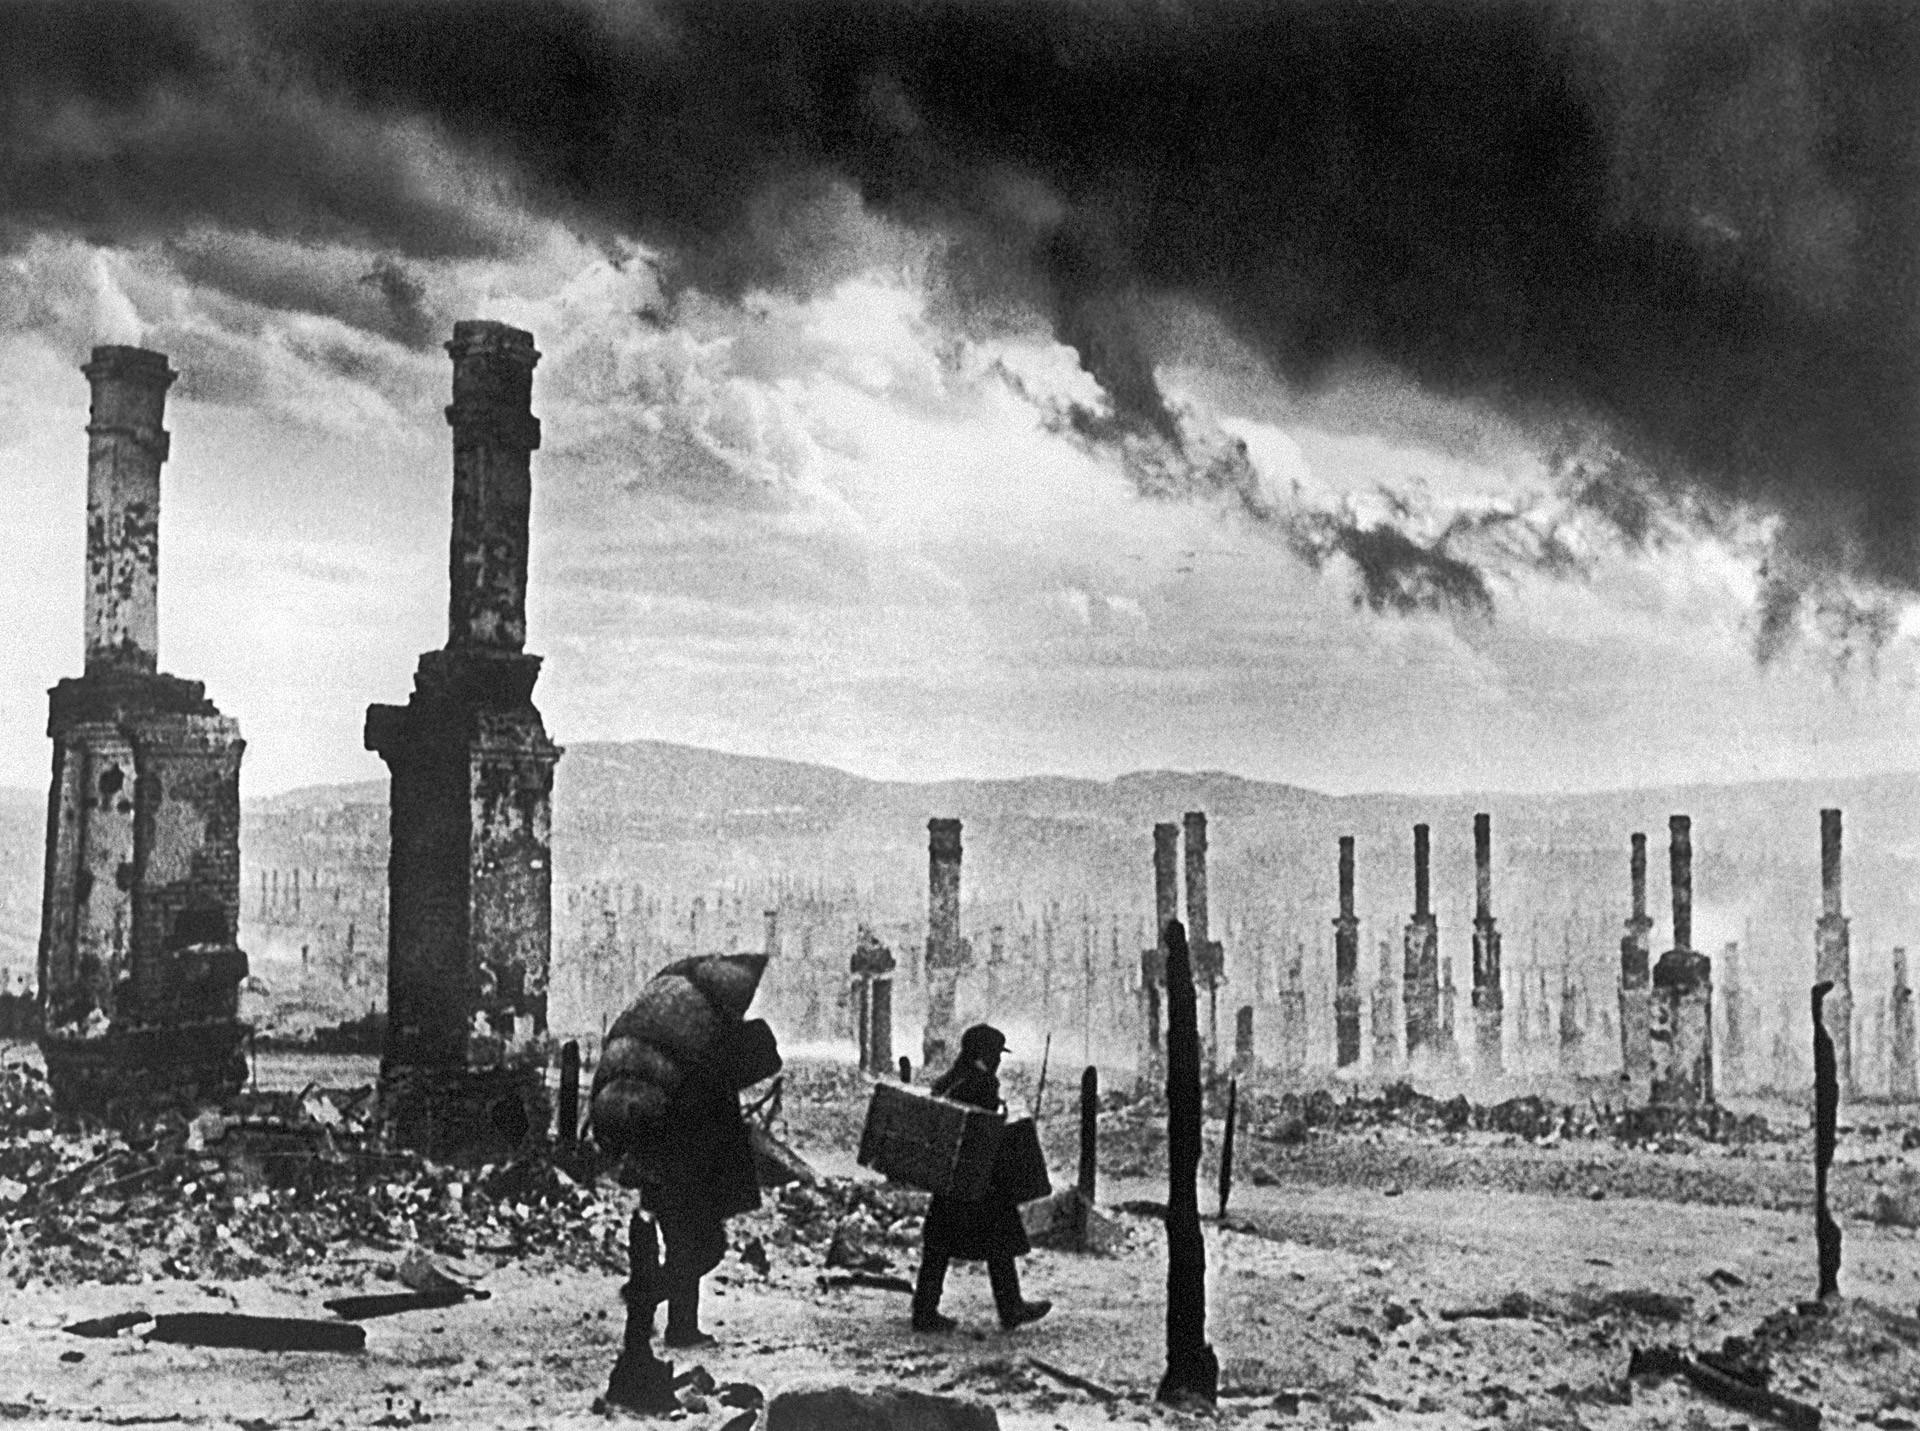 Ruinen von Murmansk am Ende des Zweiten Weltkriegs